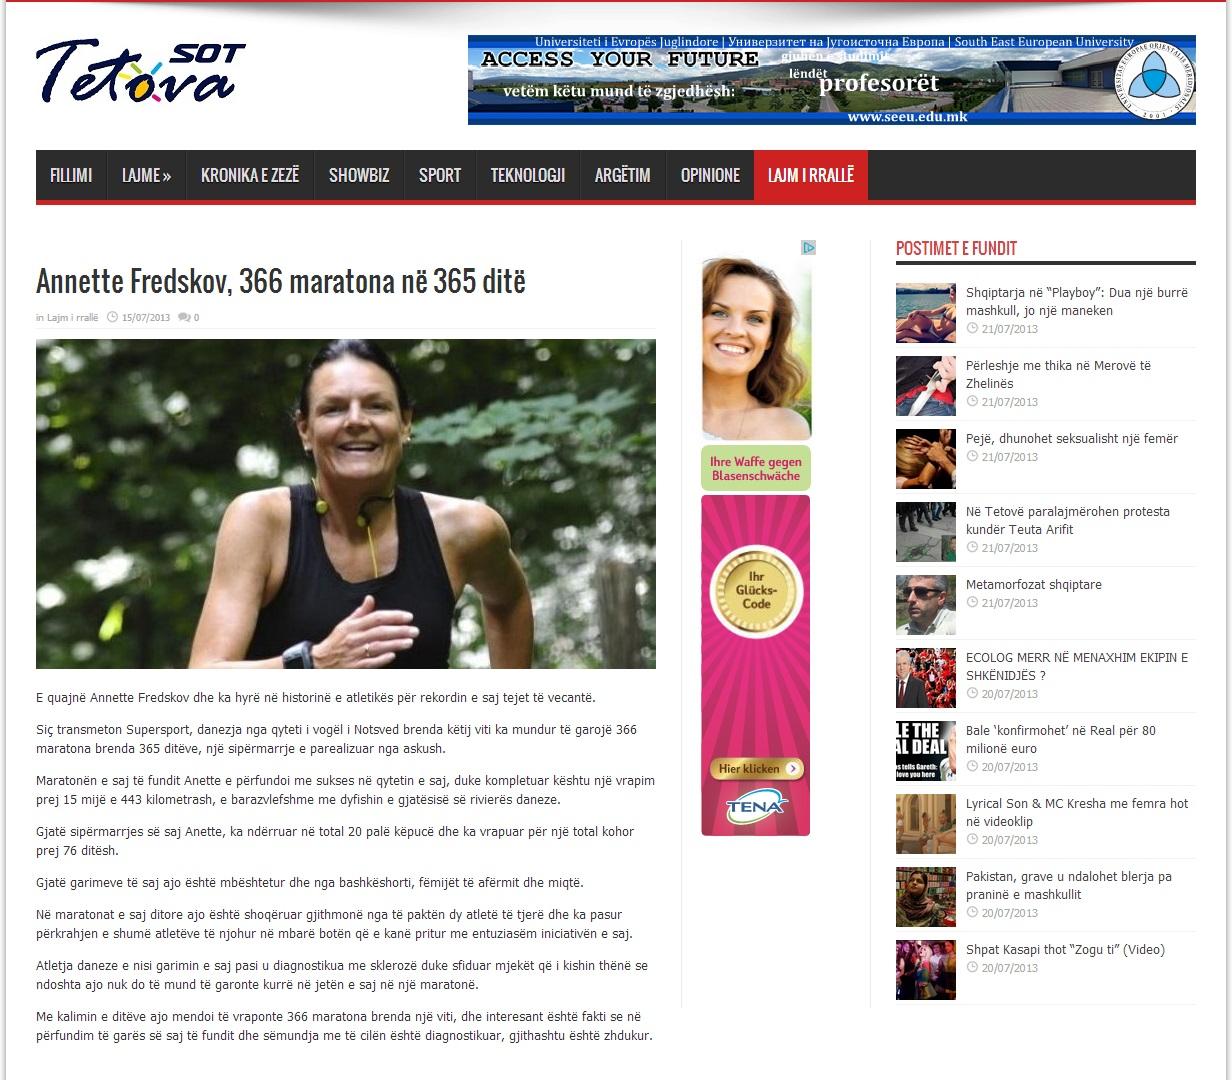 tetovasot.com 2013.07.15 albansk